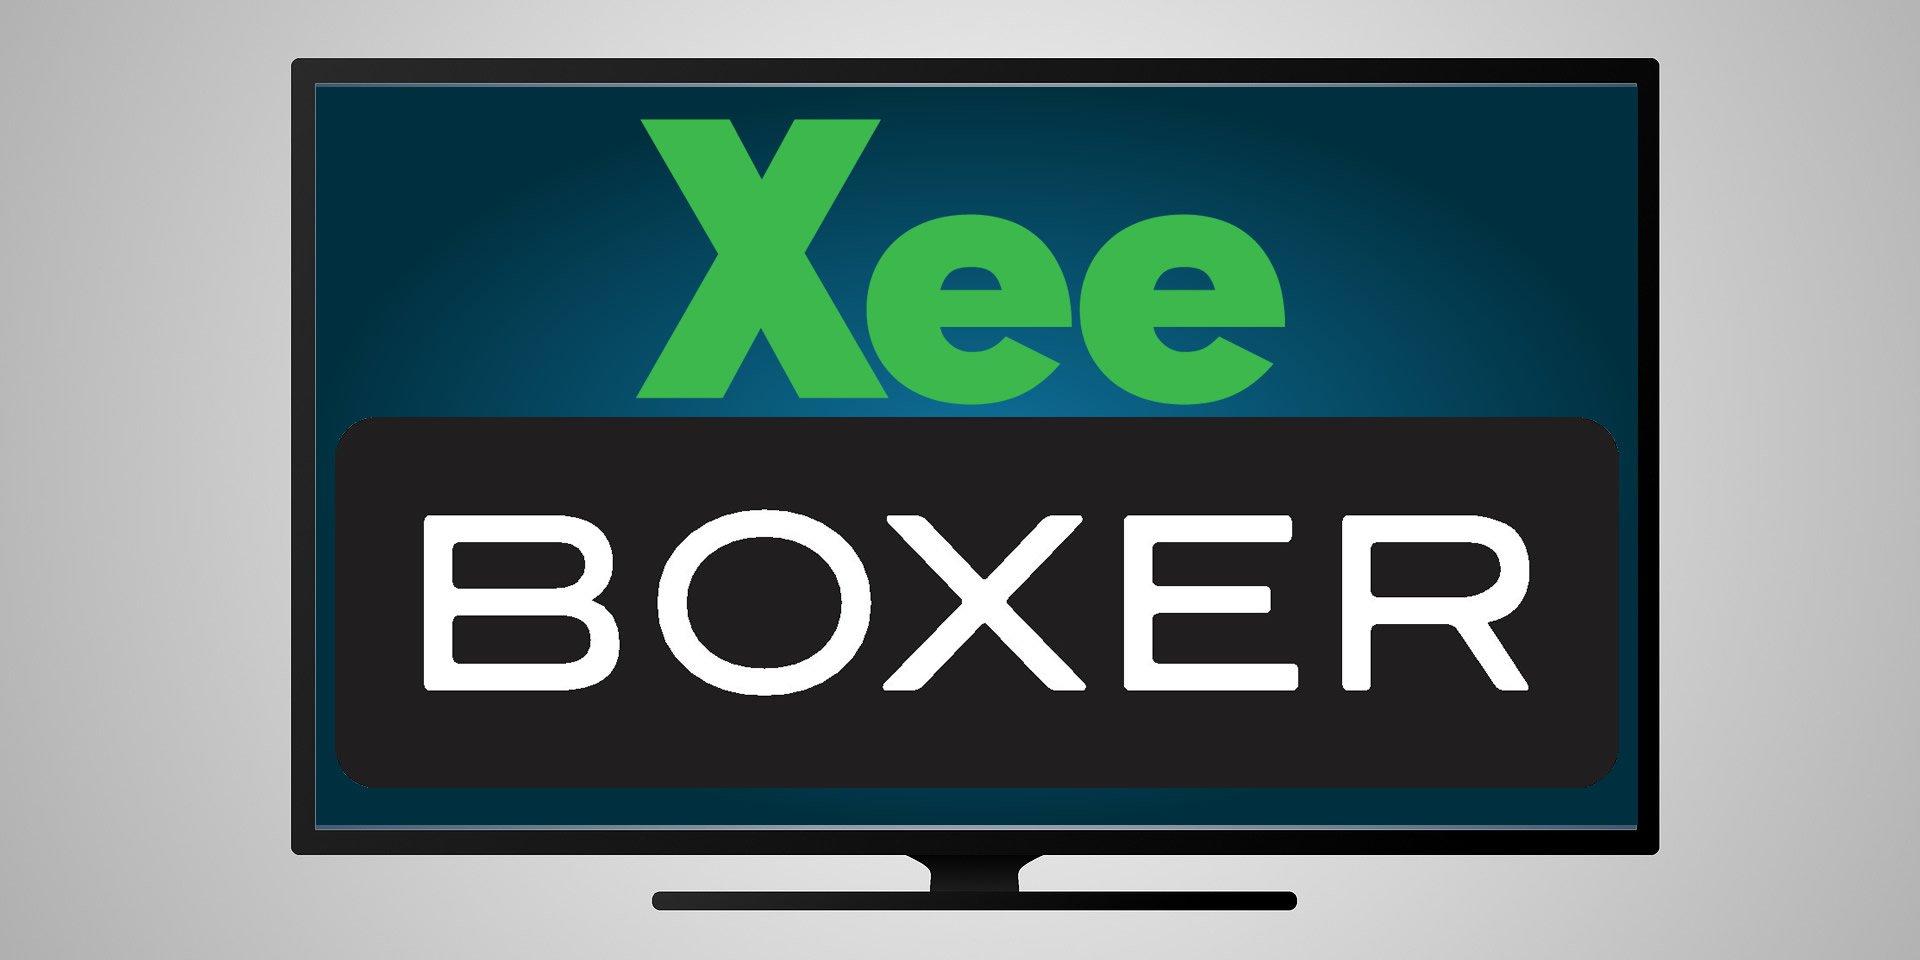 Xee boxer tv